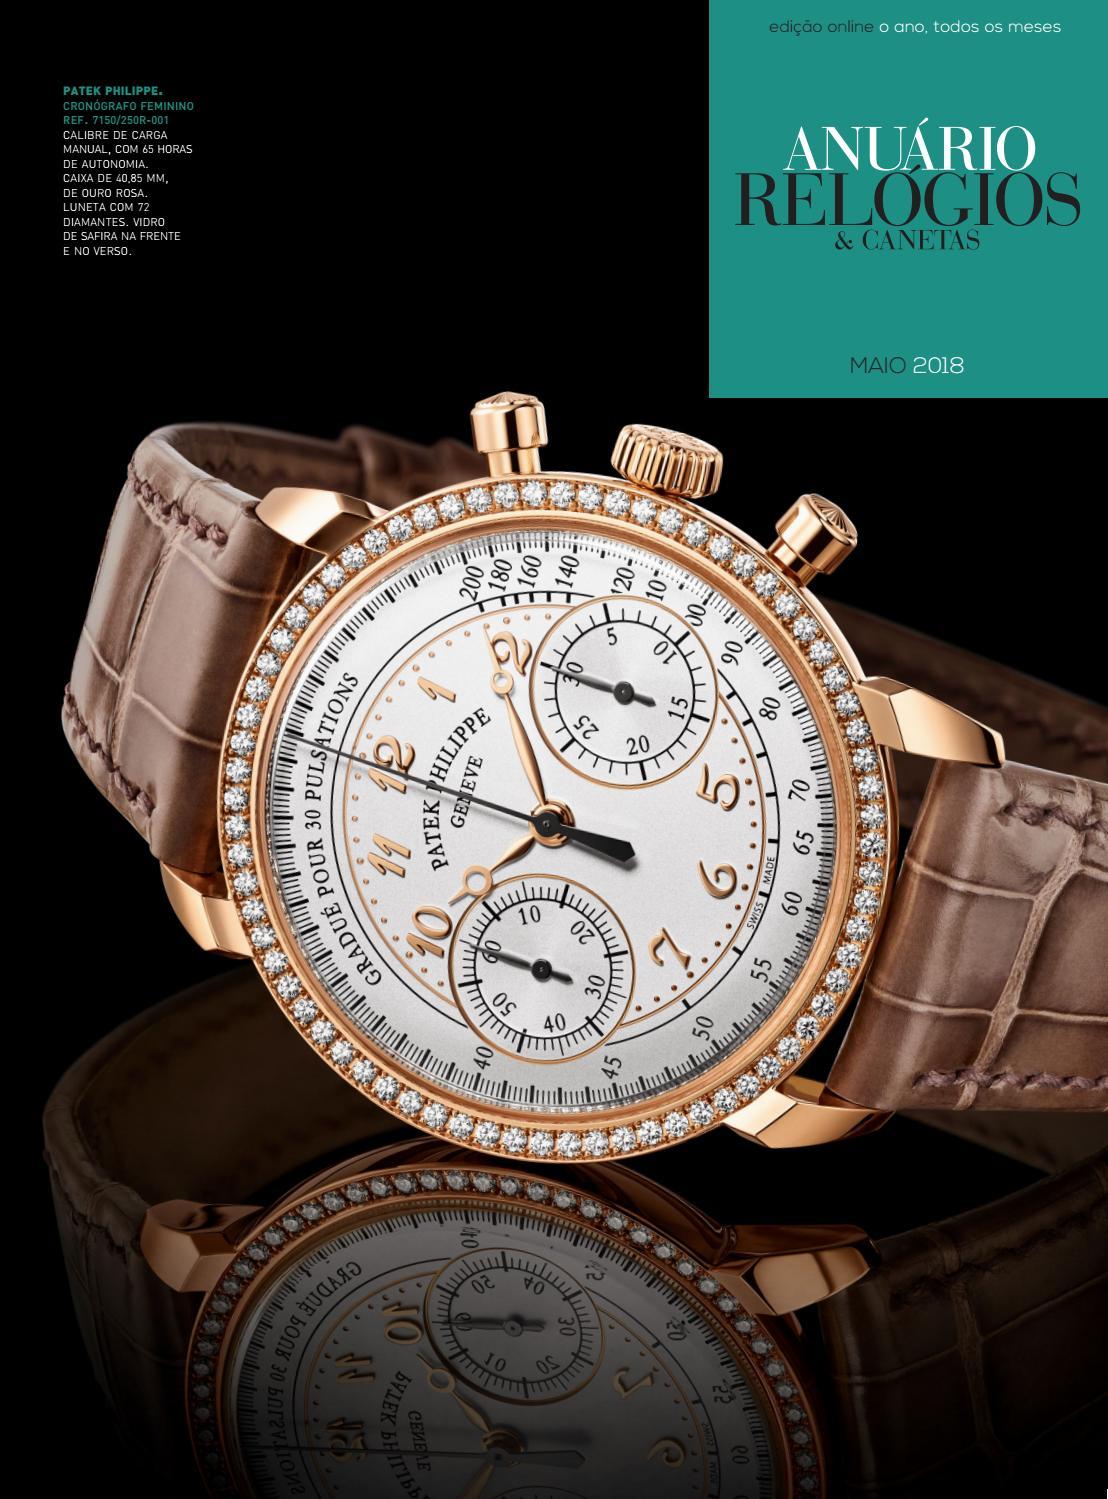 7d3310d7cb8 Anuário Relógios   Canetas - Maio 2018 by Anuário Relógios   Canetas - issuu